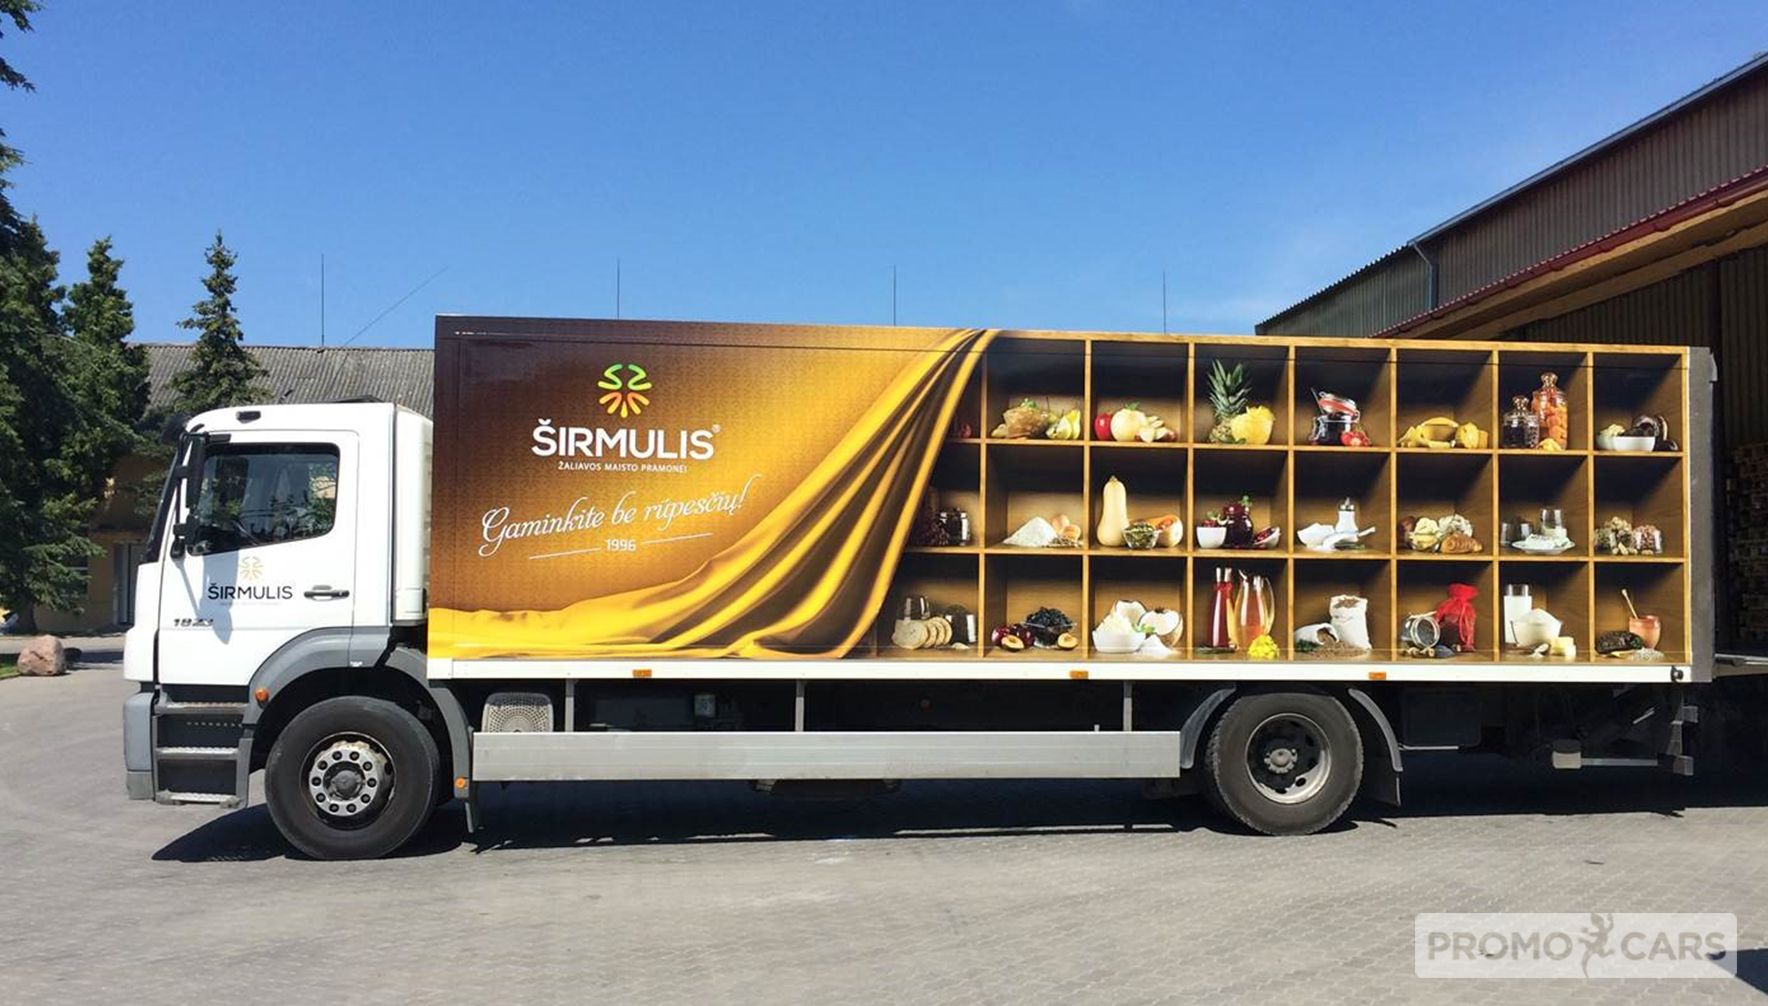 Sunkvežimių apklijavimas reklamine plėvele